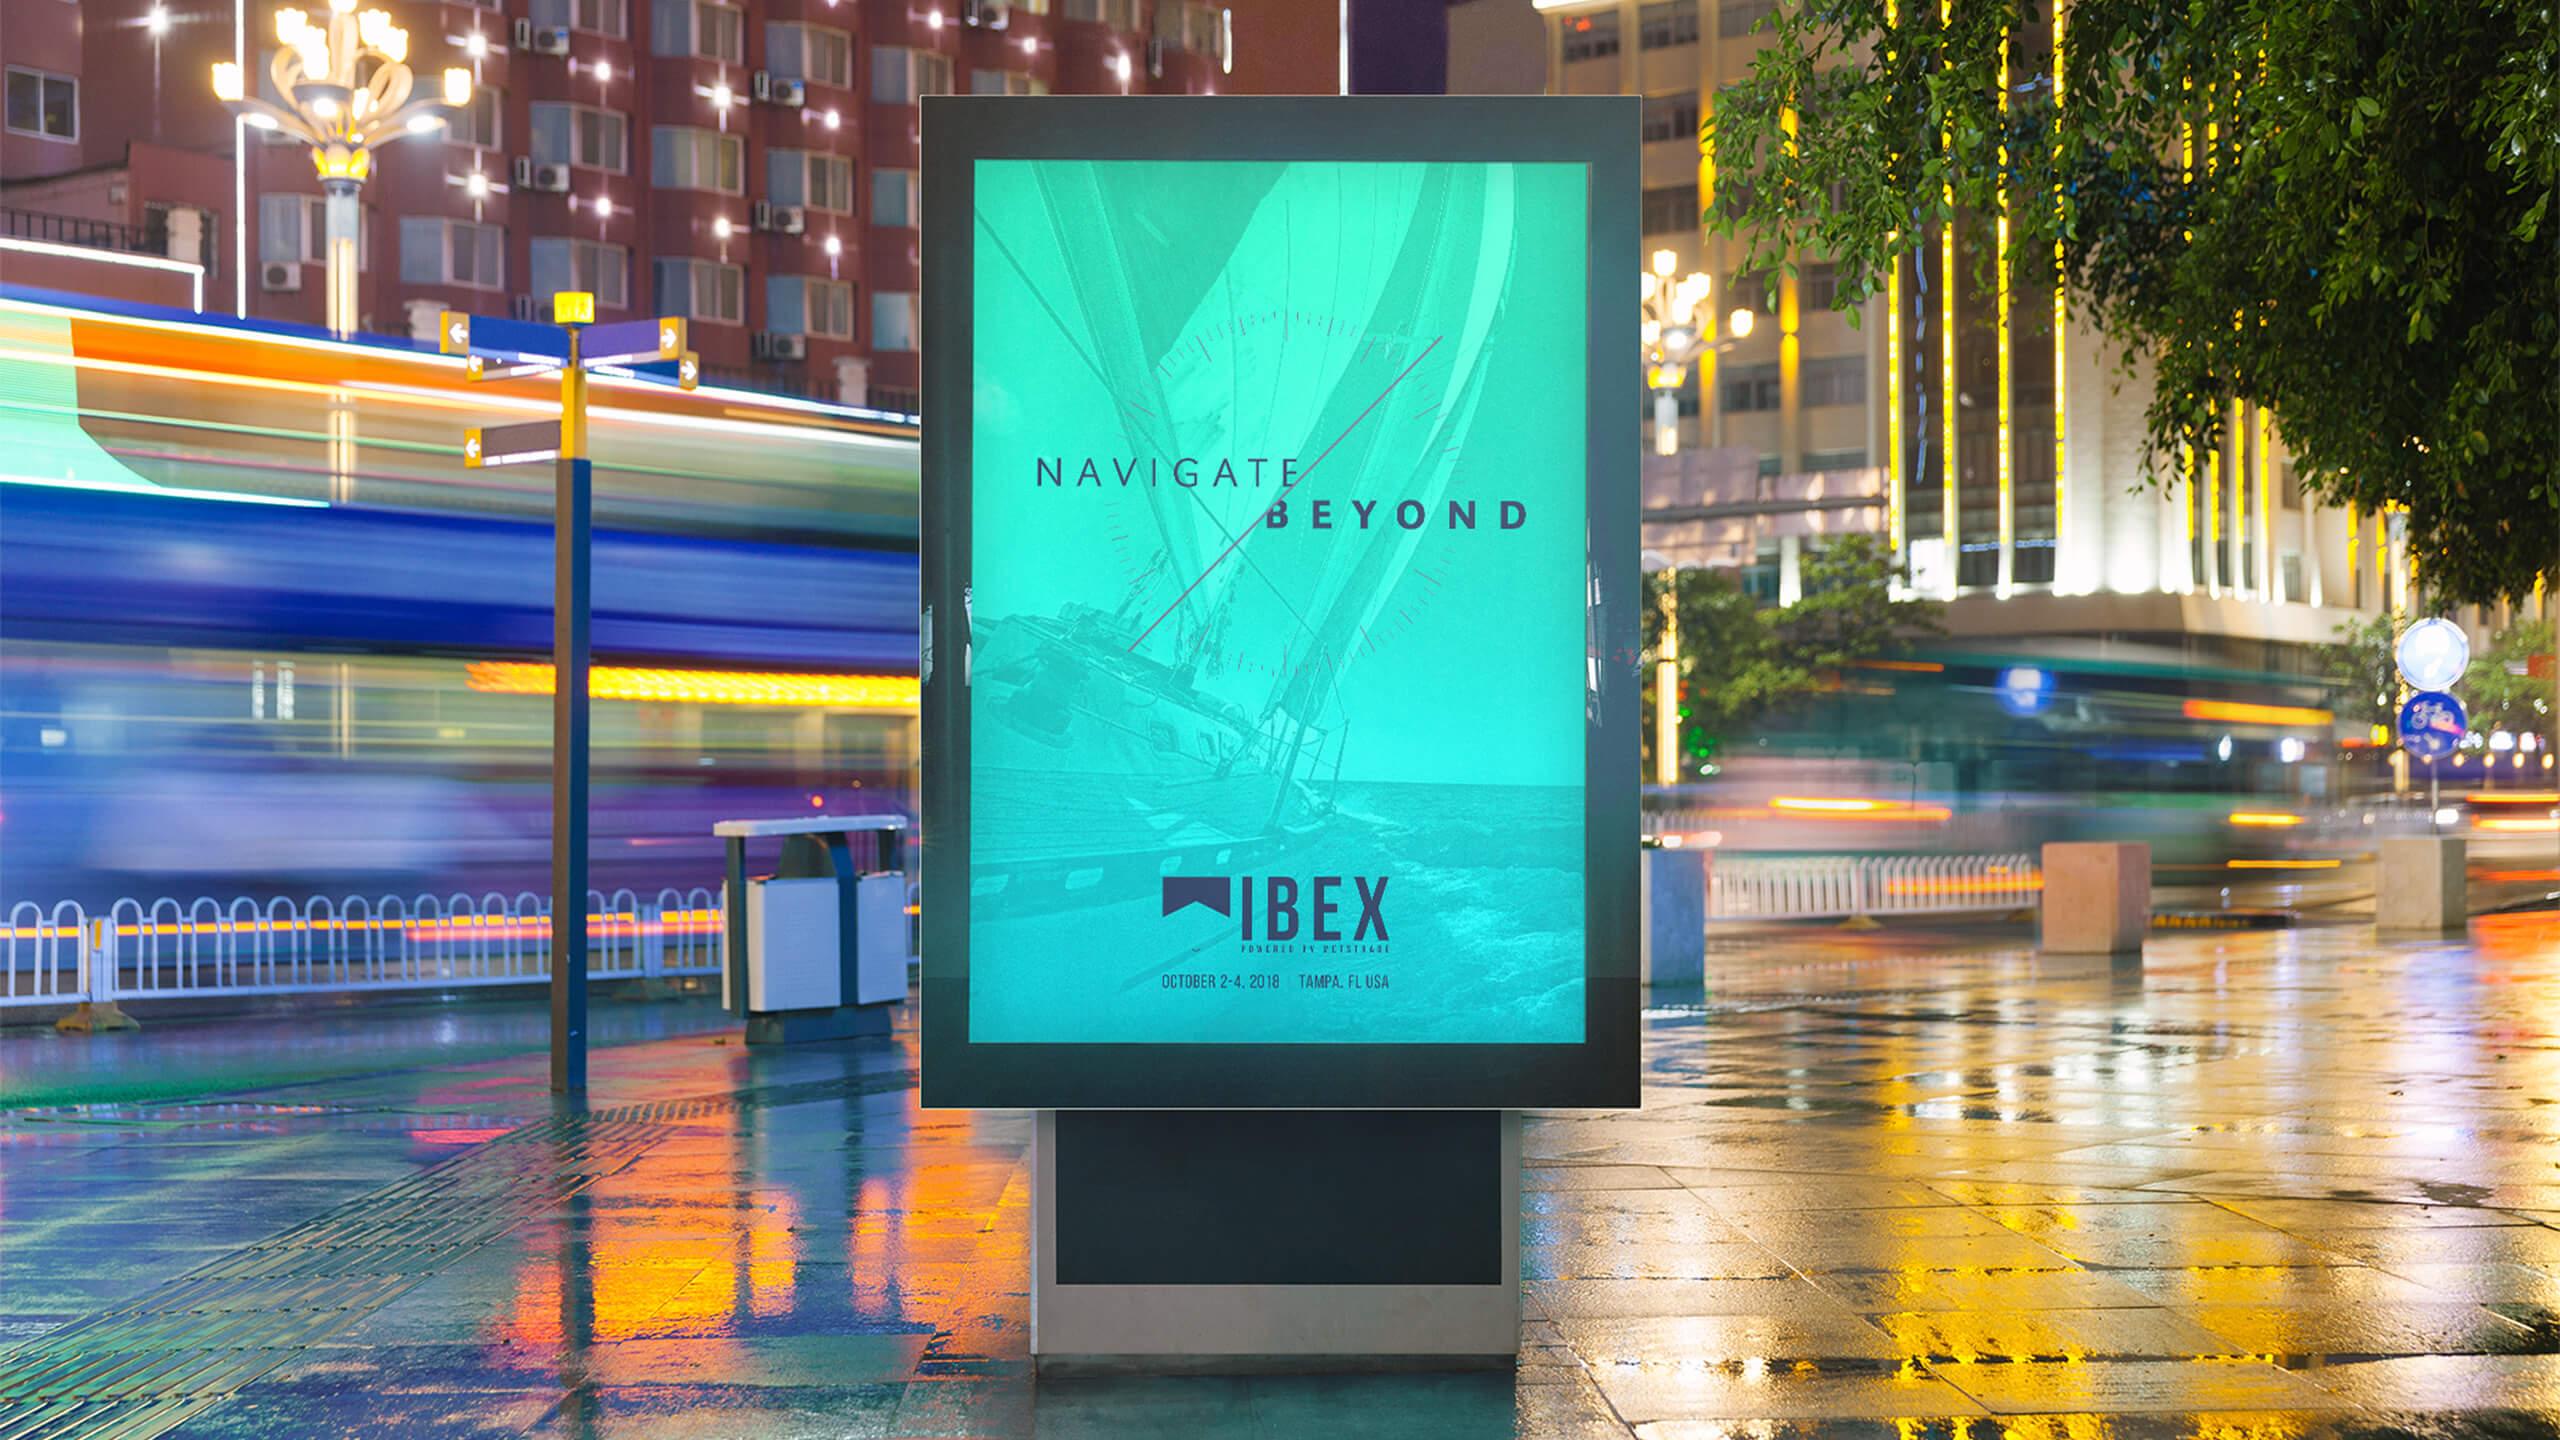 ibex-2018-billboard-mockup